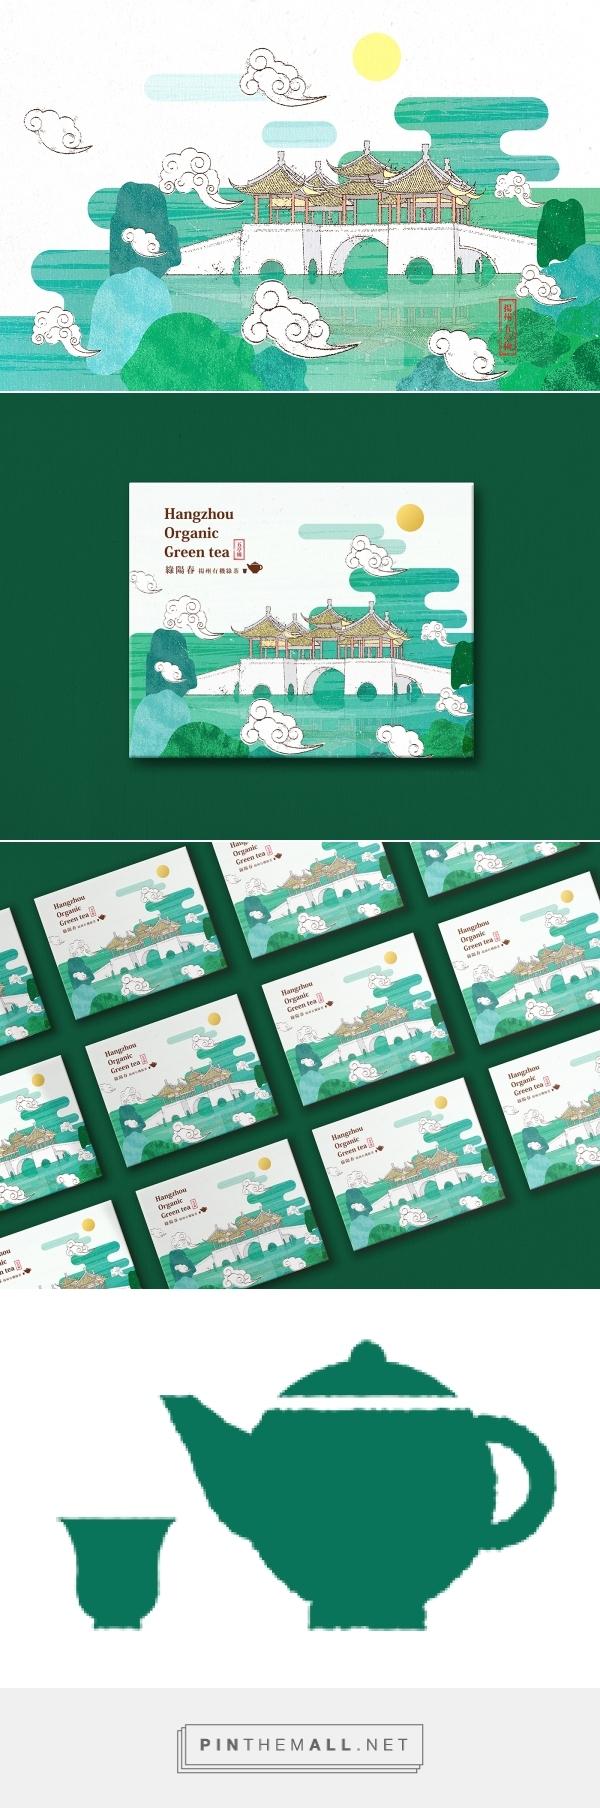 包装Diva PD策划的台湾汉娜陈泰昌在Behance上的扬州茶叶包装的图形设计,插图和包装。我们来一杯茶。